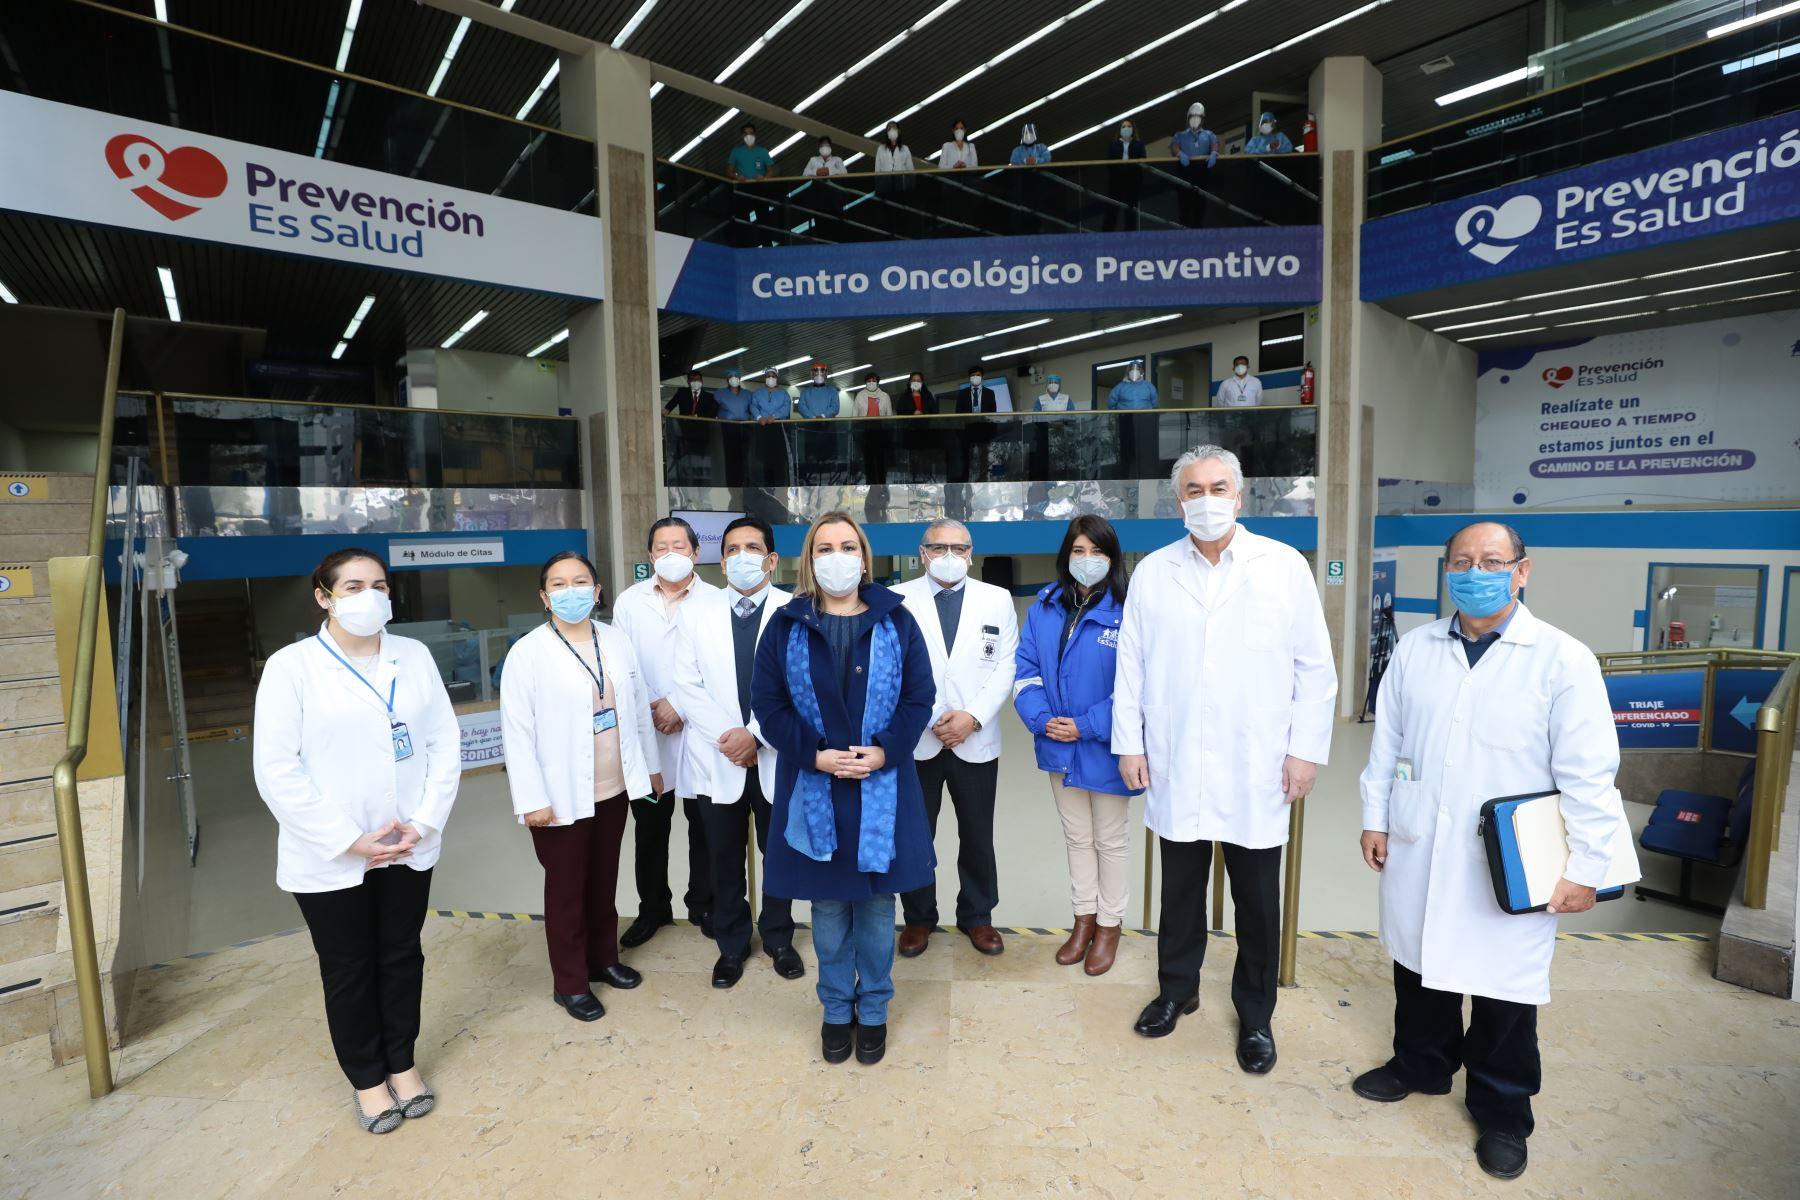 Fiorella Molinelli inaugura el primer Centro Oncológico Preventivo (COP) en Lima que permitirá realizar un diagnóstico y tratamiento oportuno para la prevención del cáncer. Foto: ANDINA/Essalud